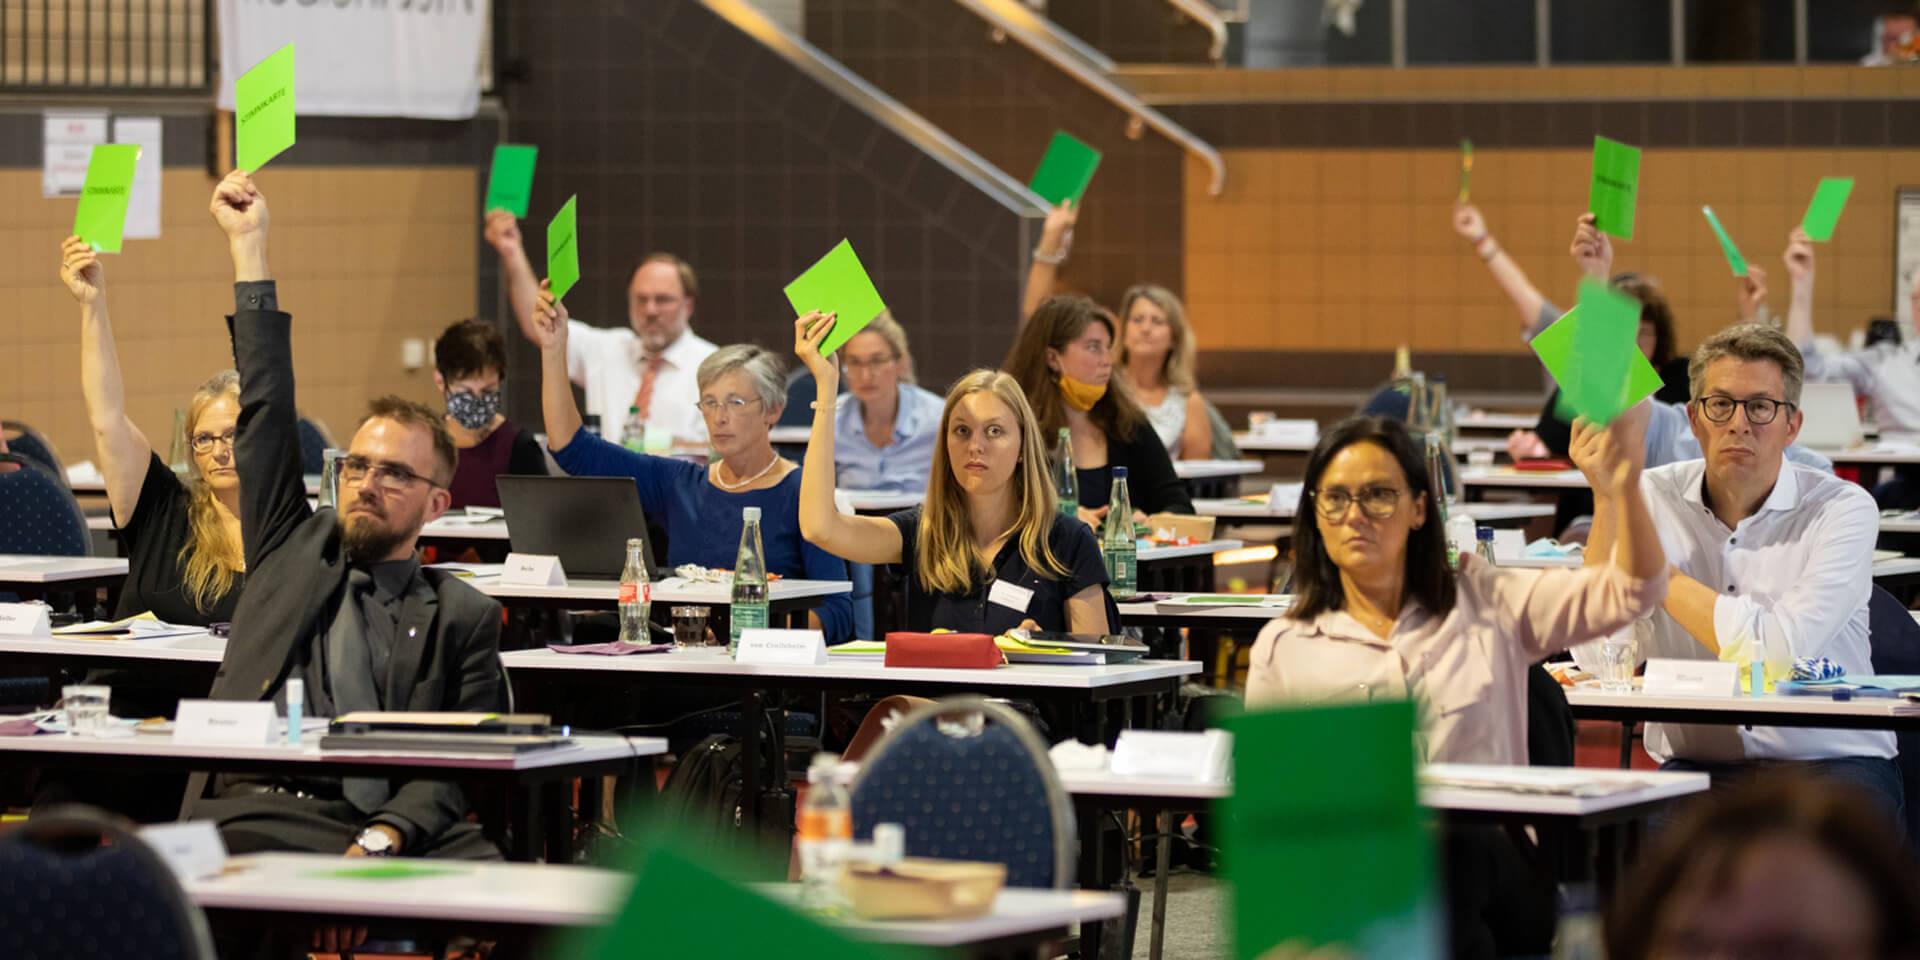 Landessynodale stimmen mit grüner Stimmkarte ab